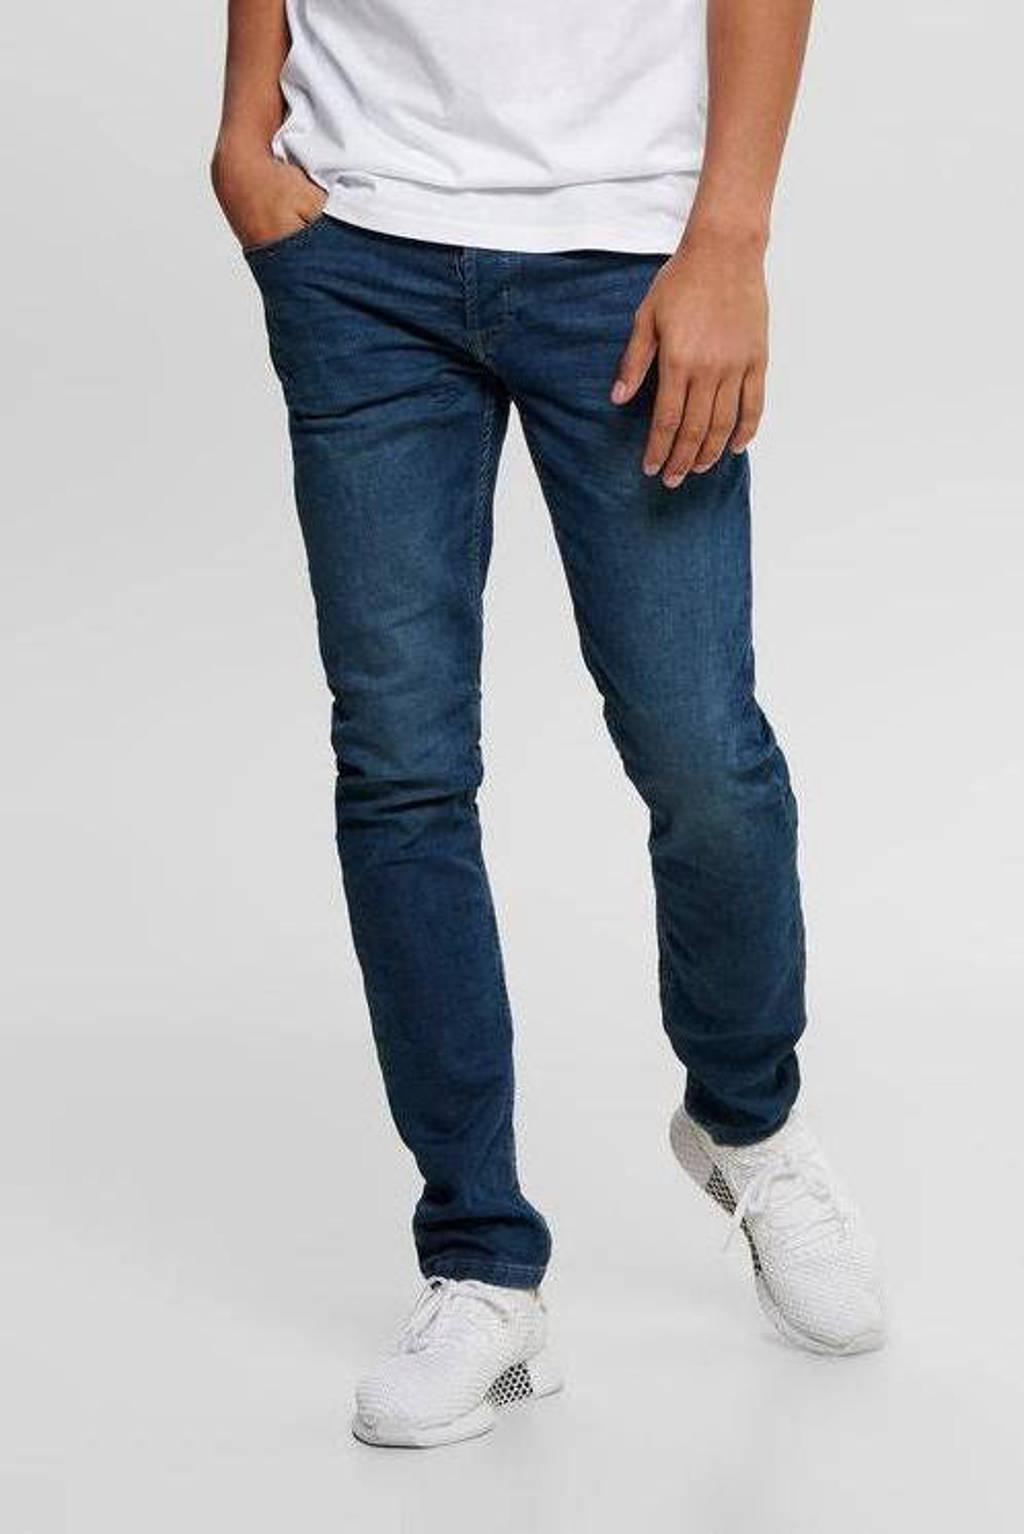 ONLY & SONS slim fit jeans Loom blue denim 8472, Blue Denim 8472